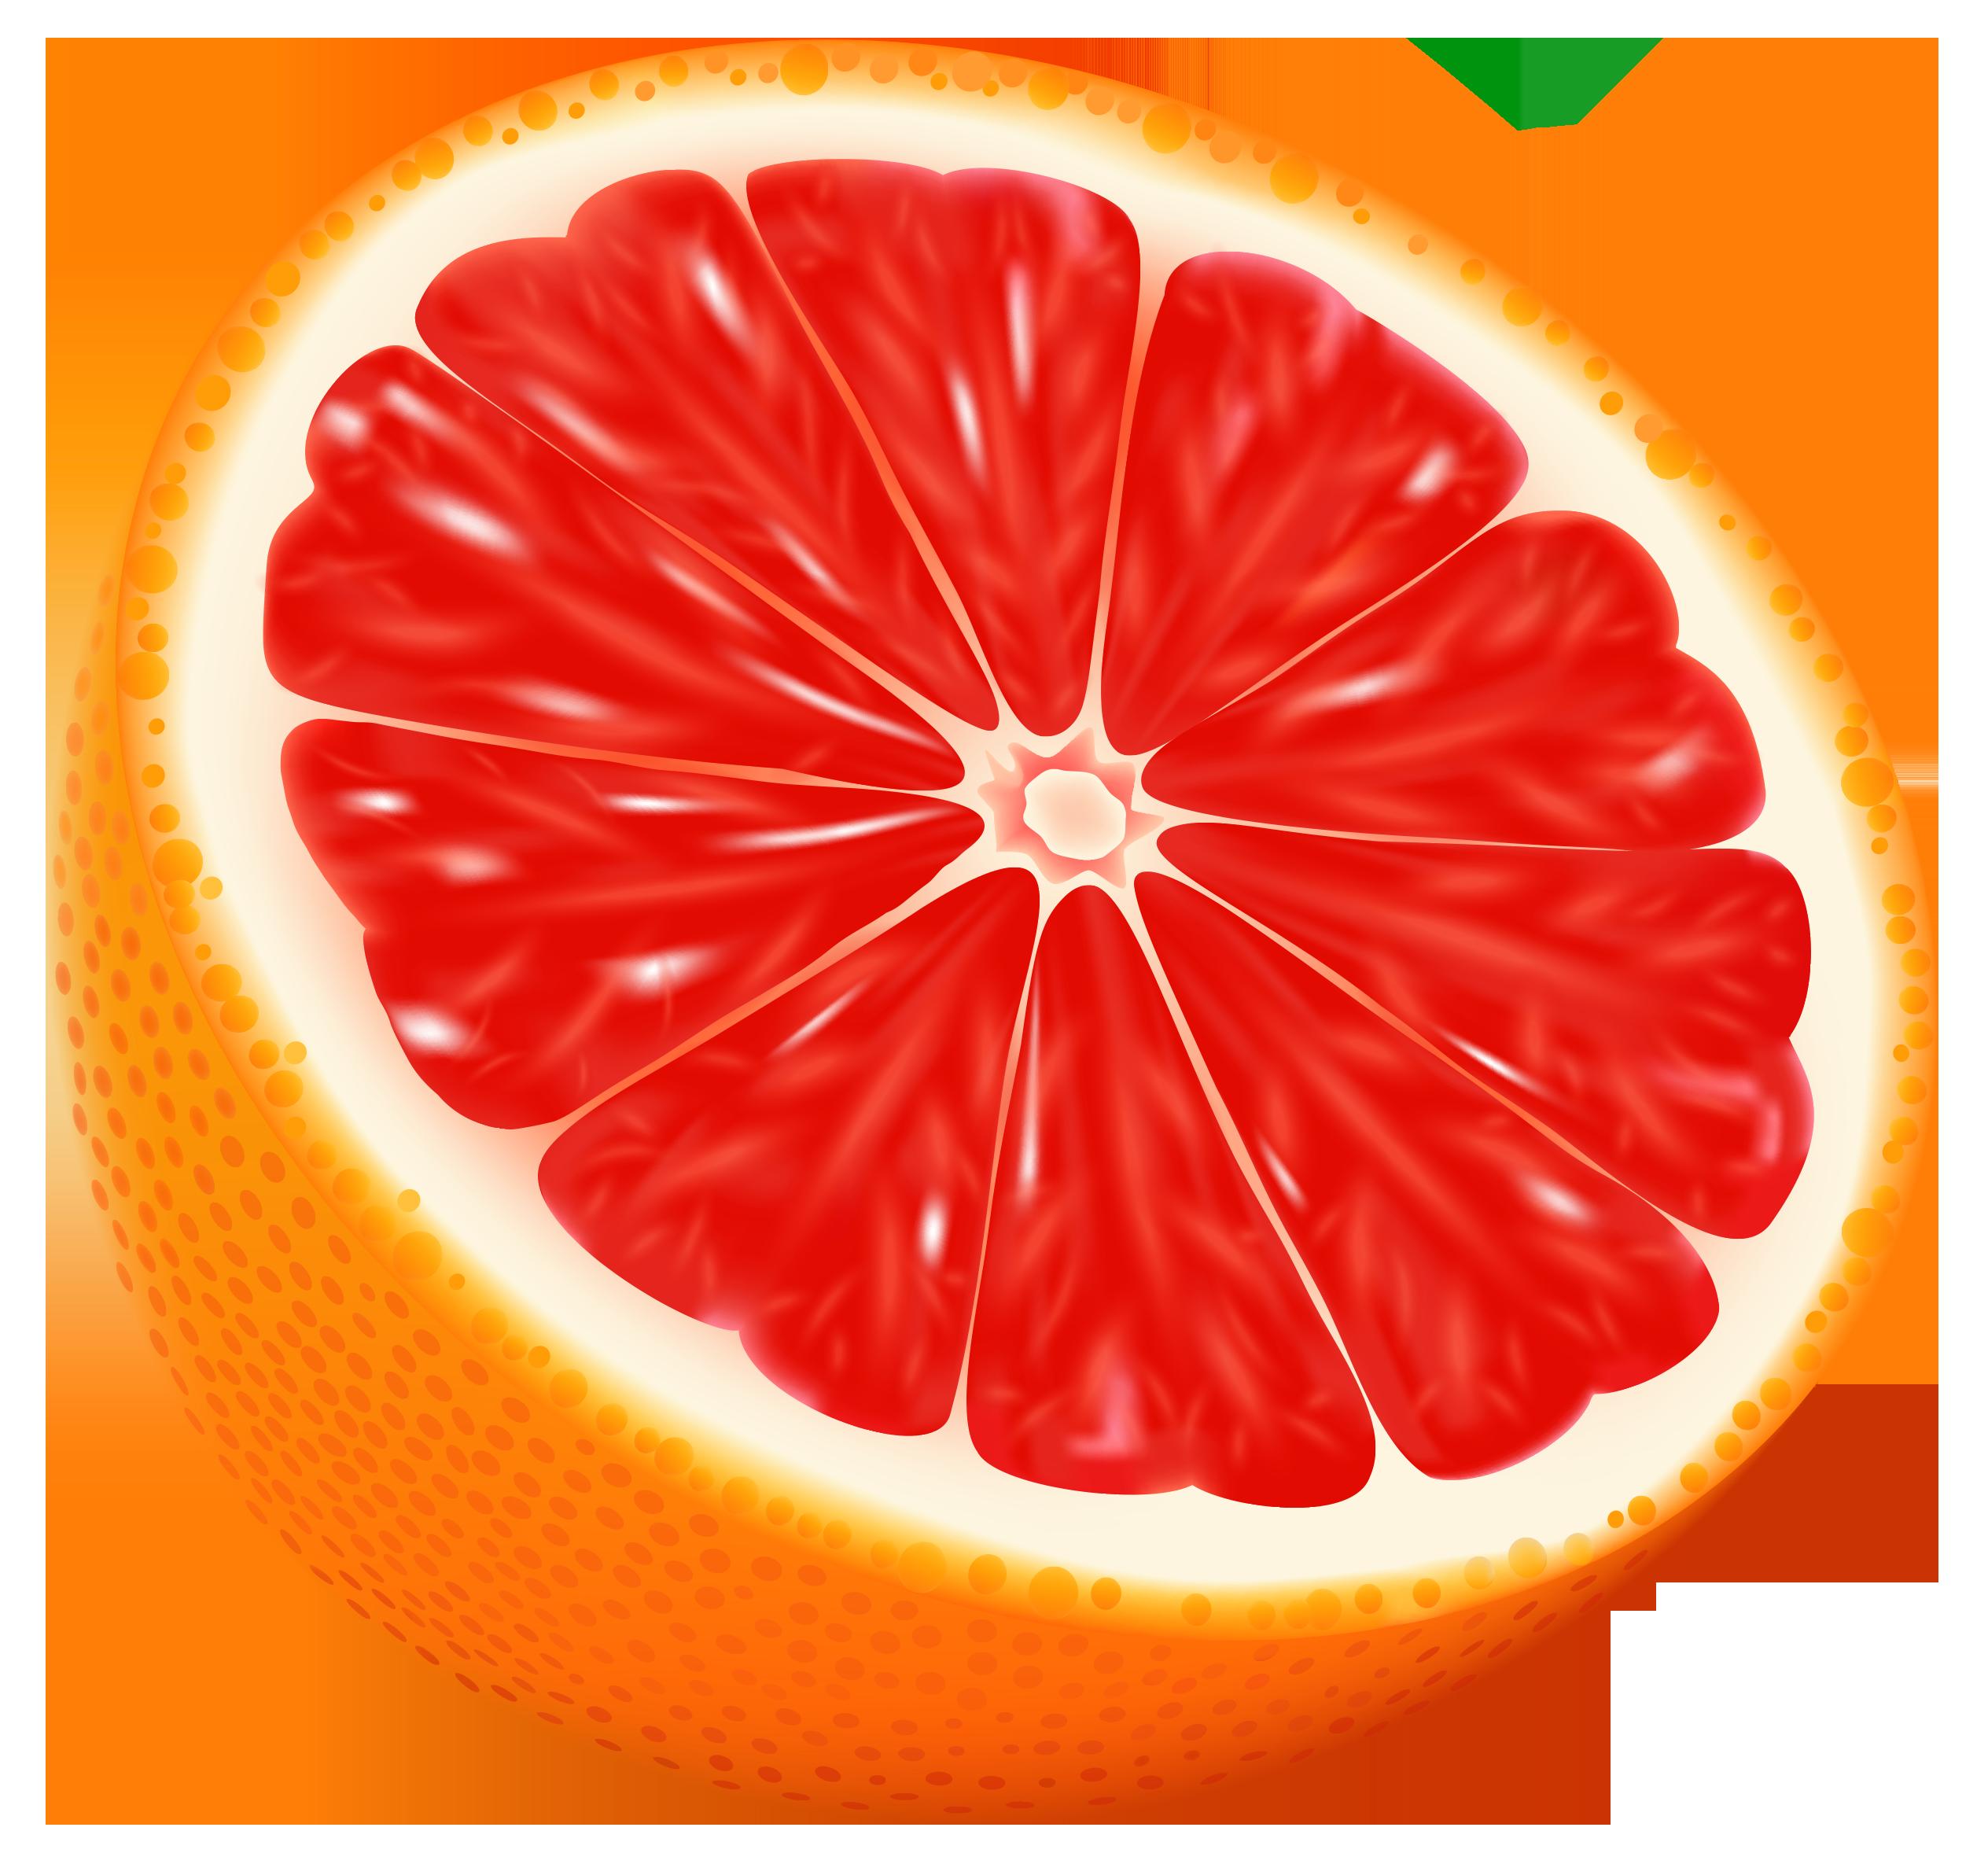 Red orange clipart.